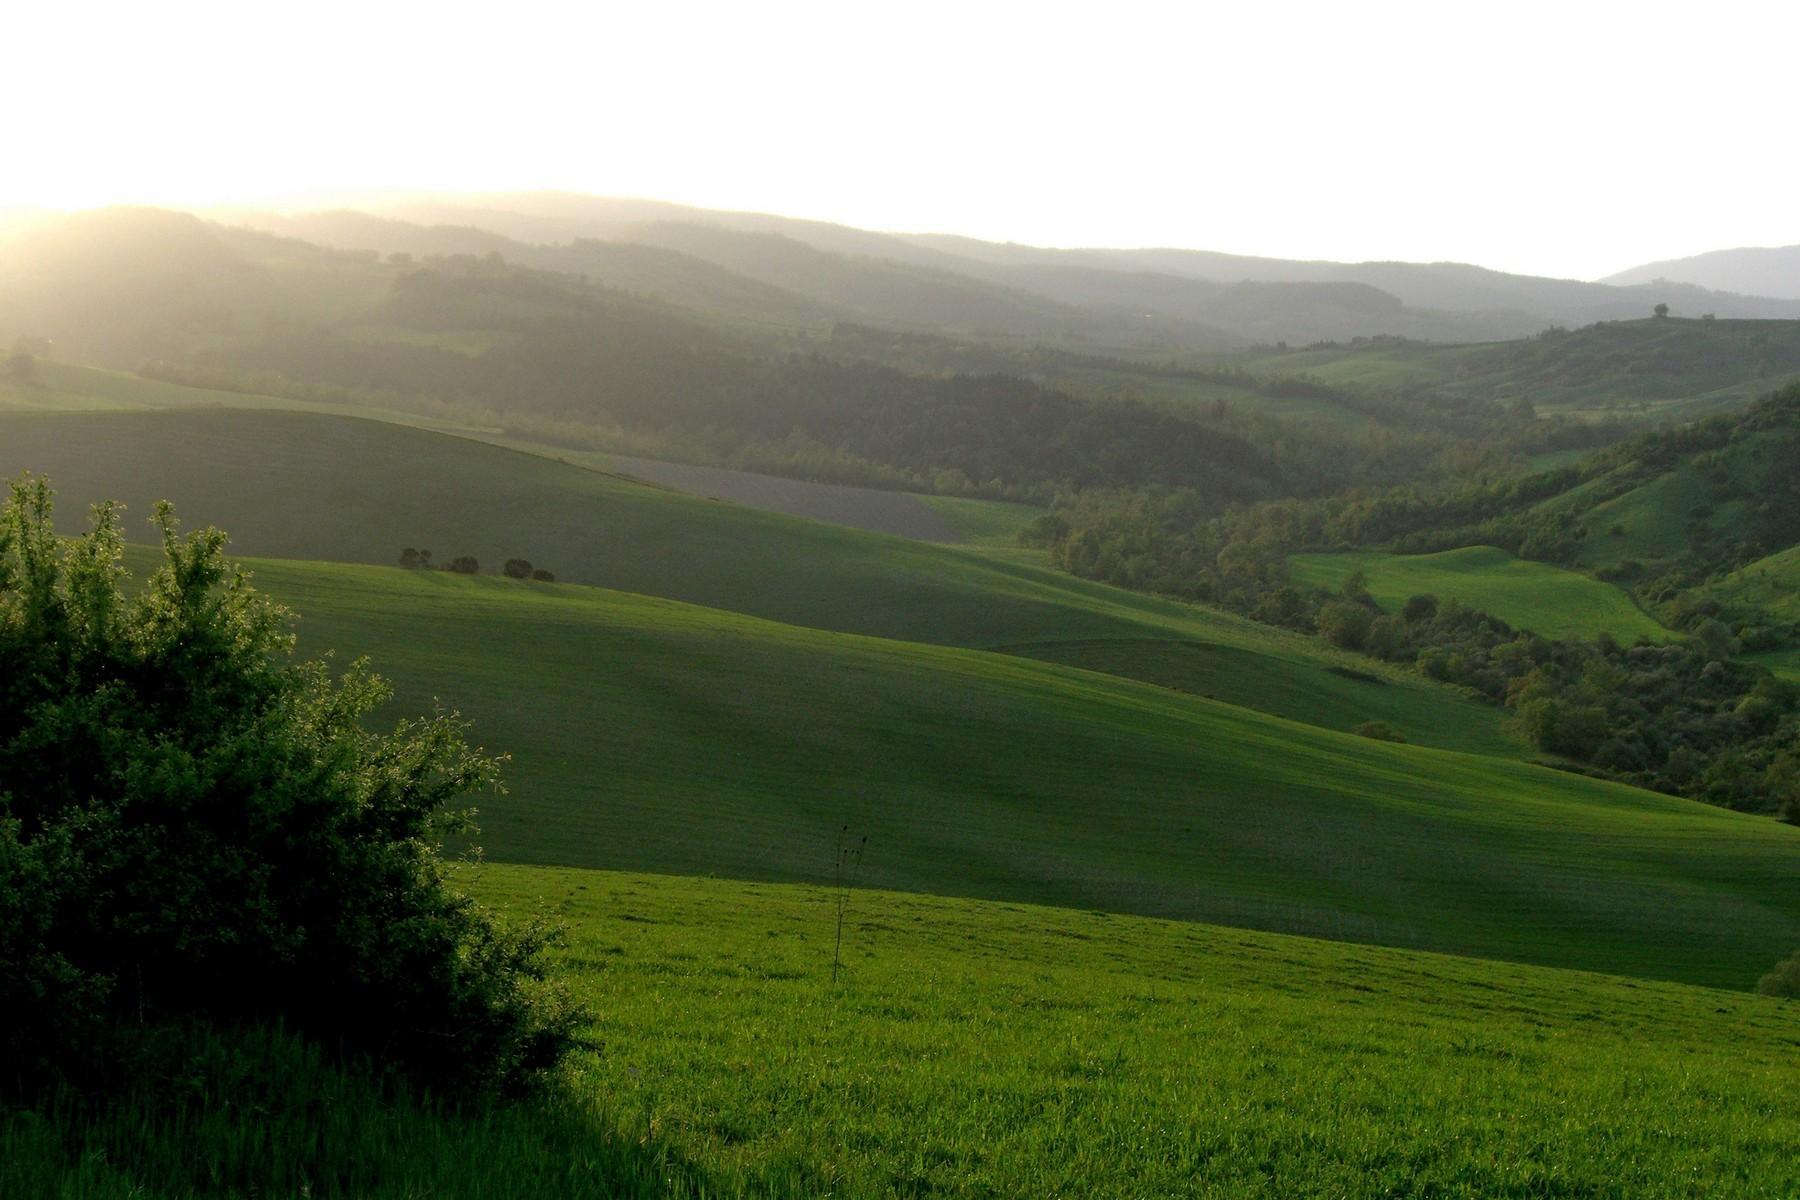 沉浸于绿色绵延的山丘上的古典别墅 - 12